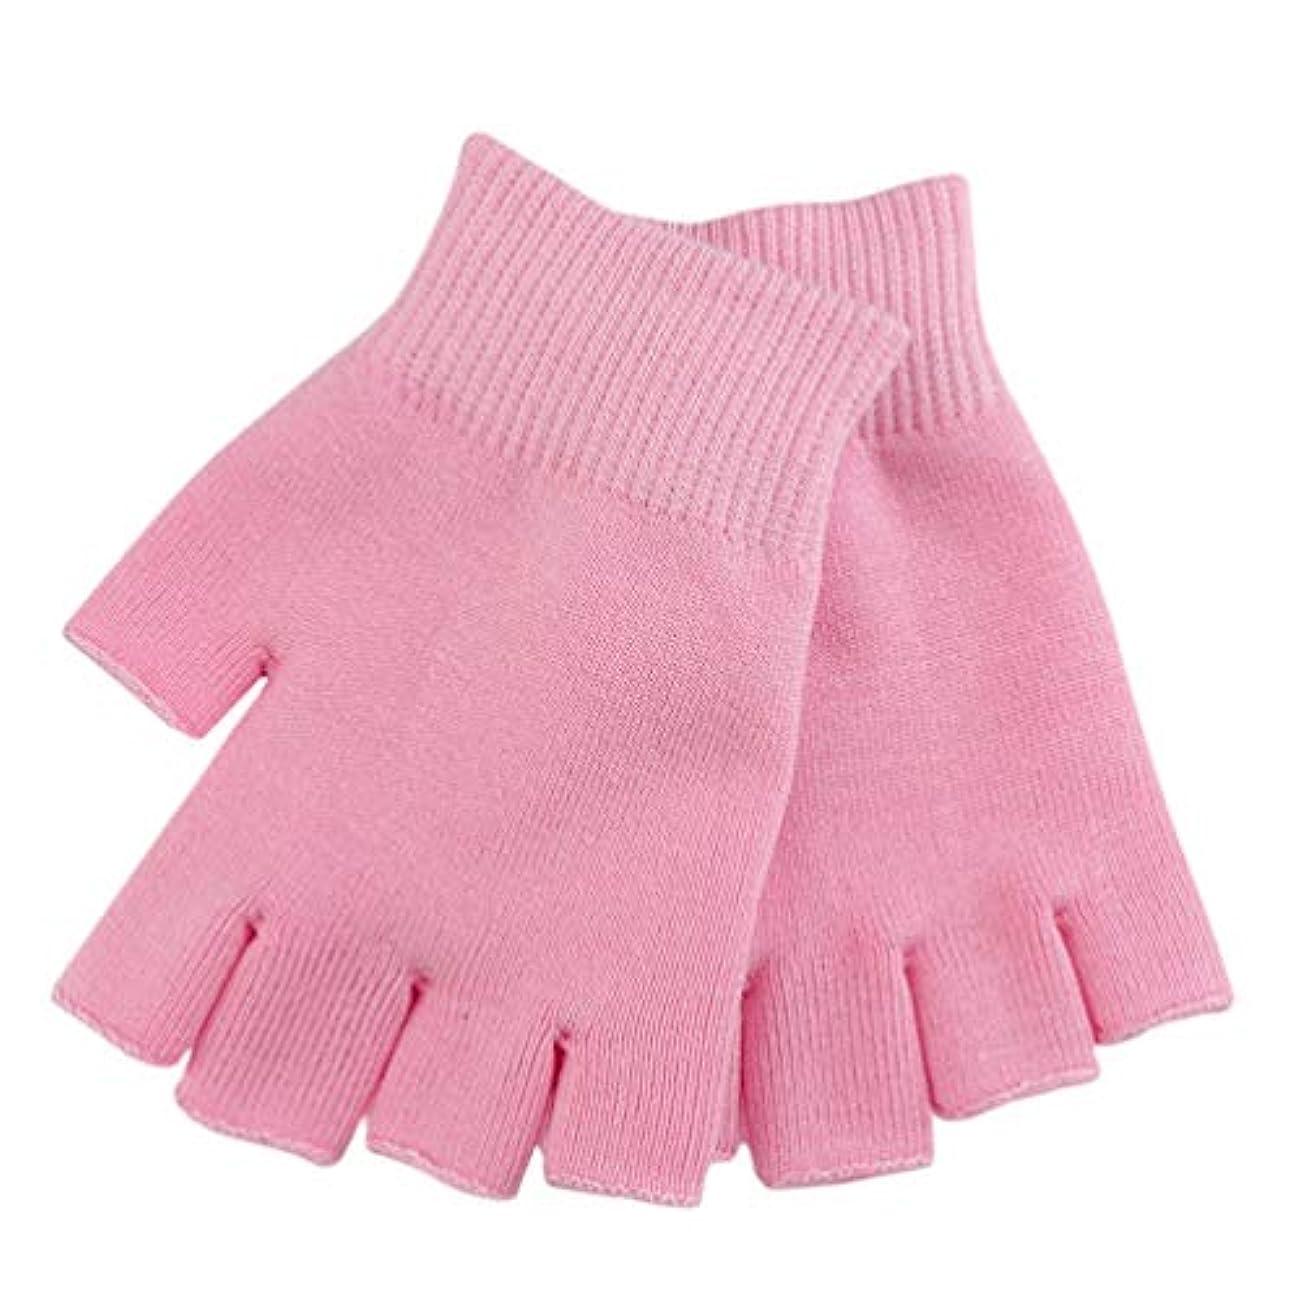 使役感嘆符マージンHealifty 保湿スパ手袋治癒のための半分の指のタッチスクリーン手袋綿ゲルライン精油水分指なしミトンに乾燥肌ひび割れ手(ピンク)